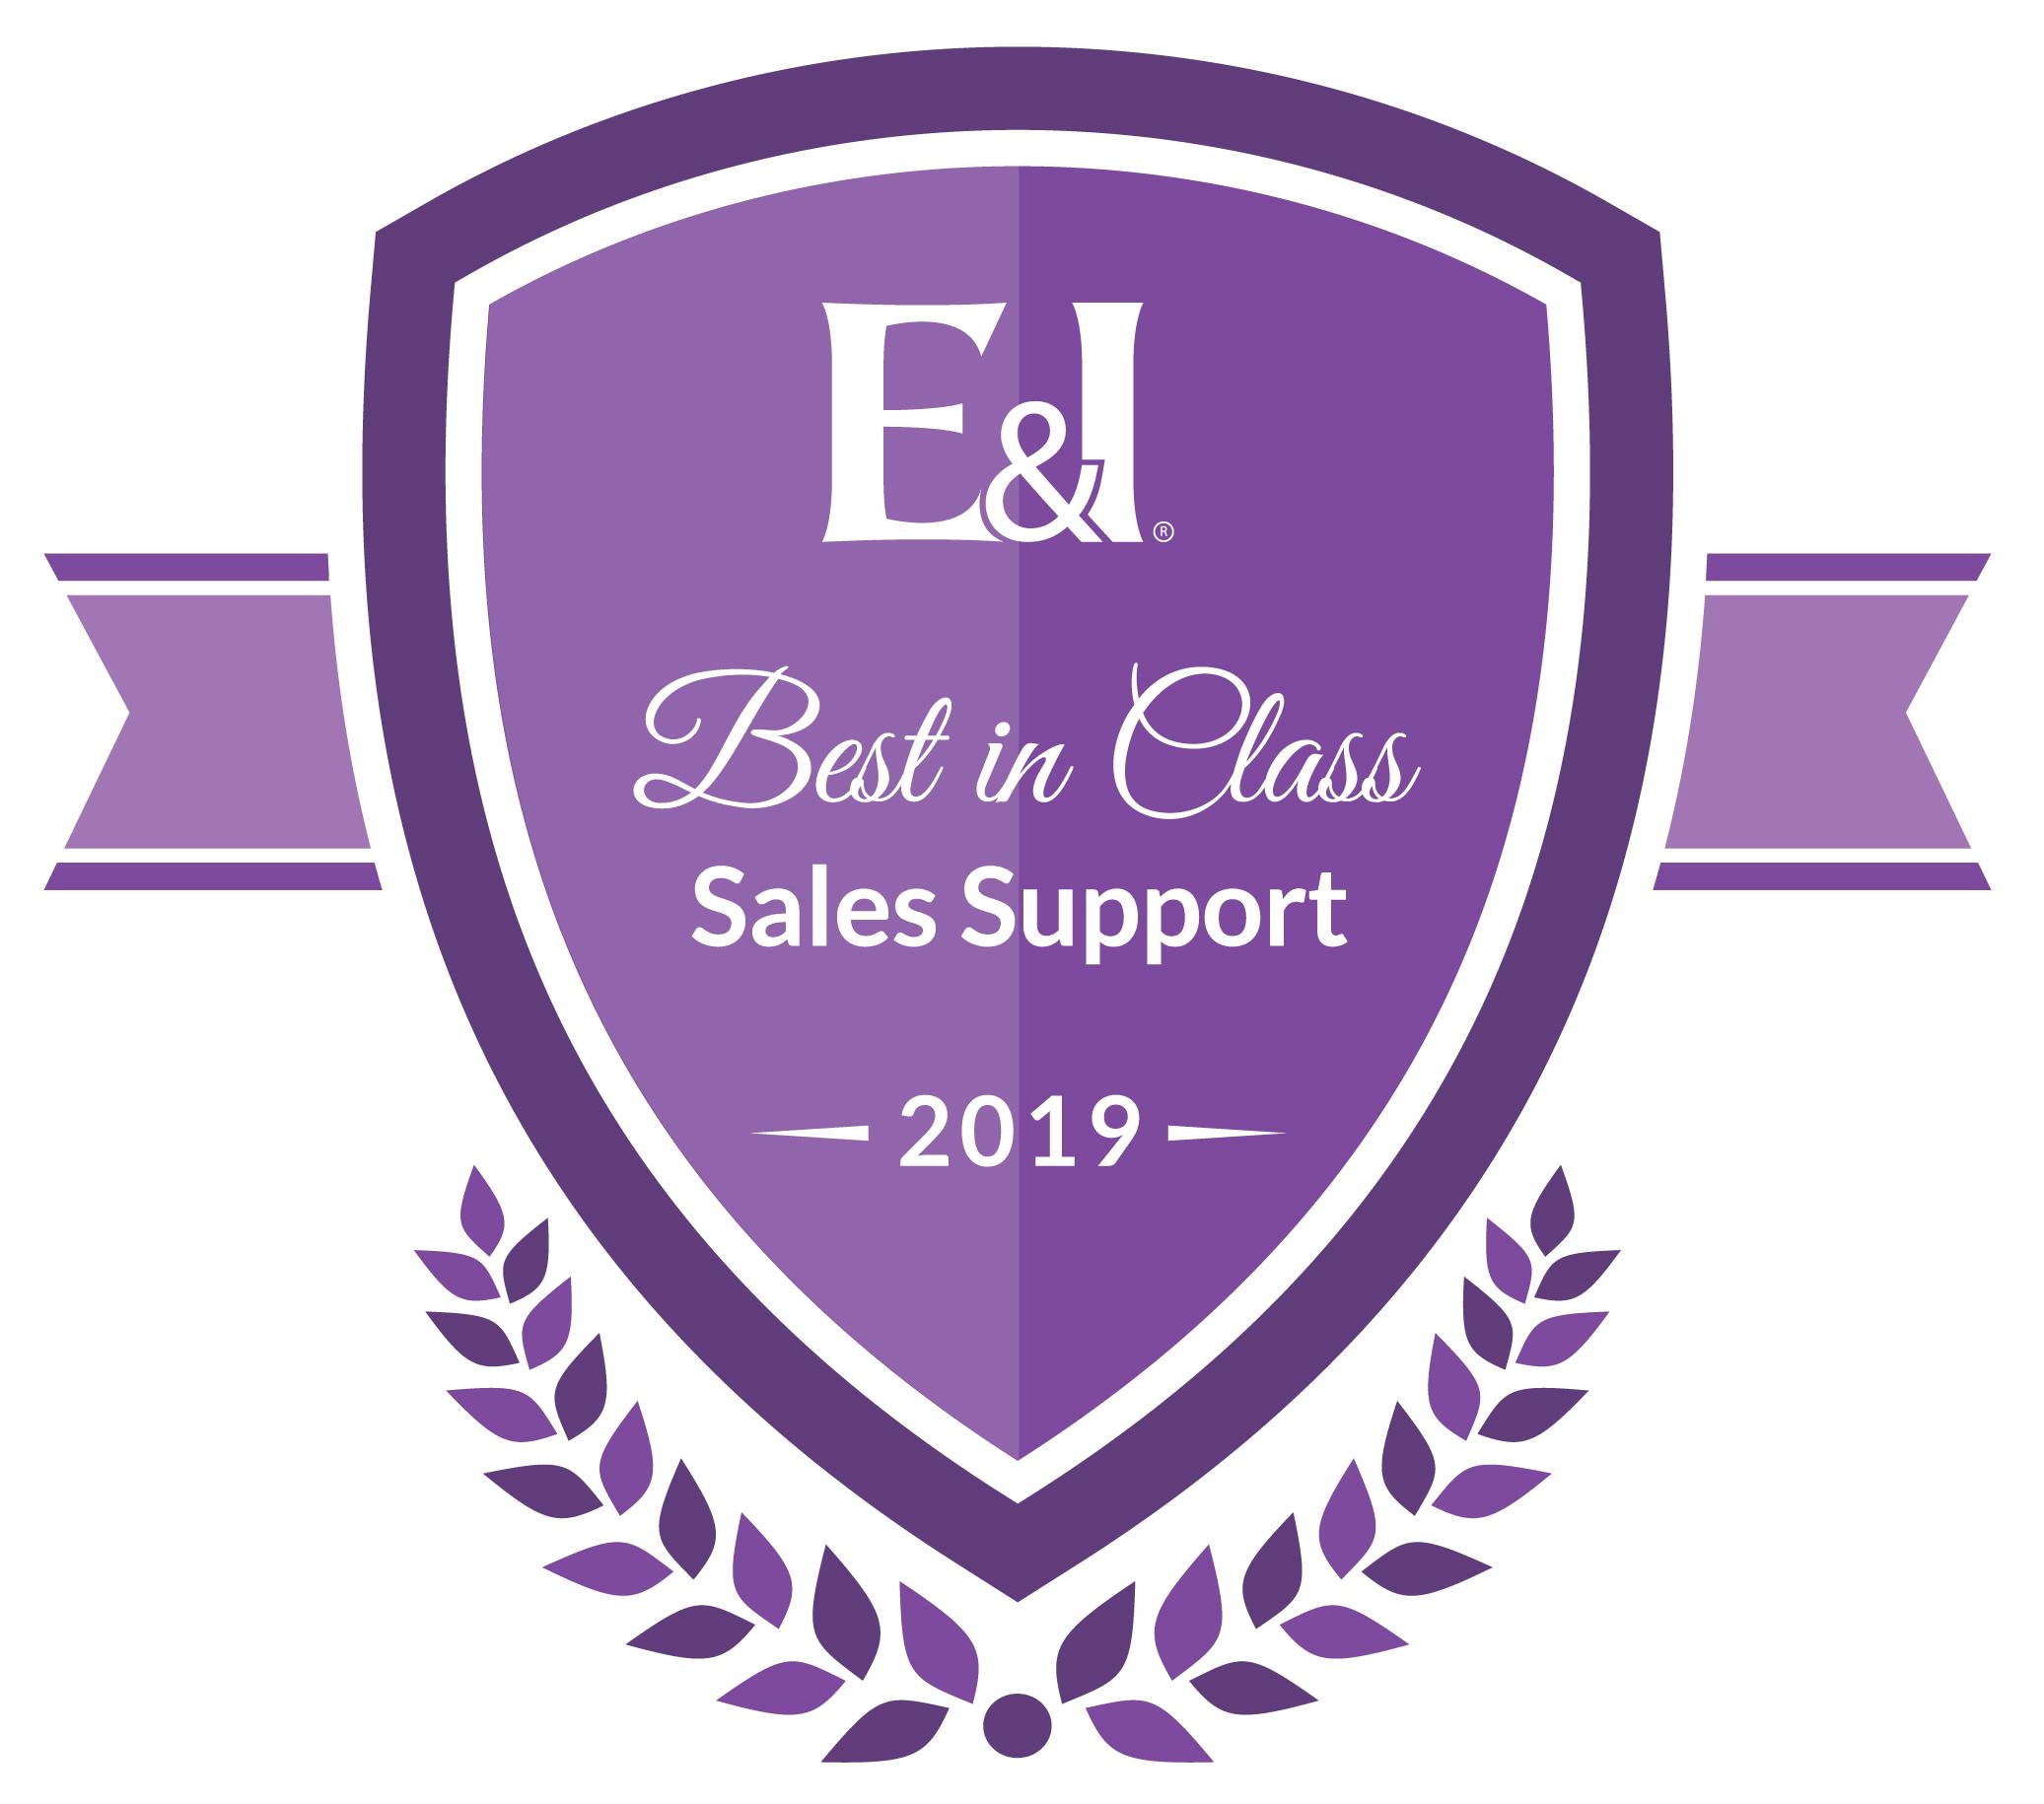 E&I Business Partner Awards